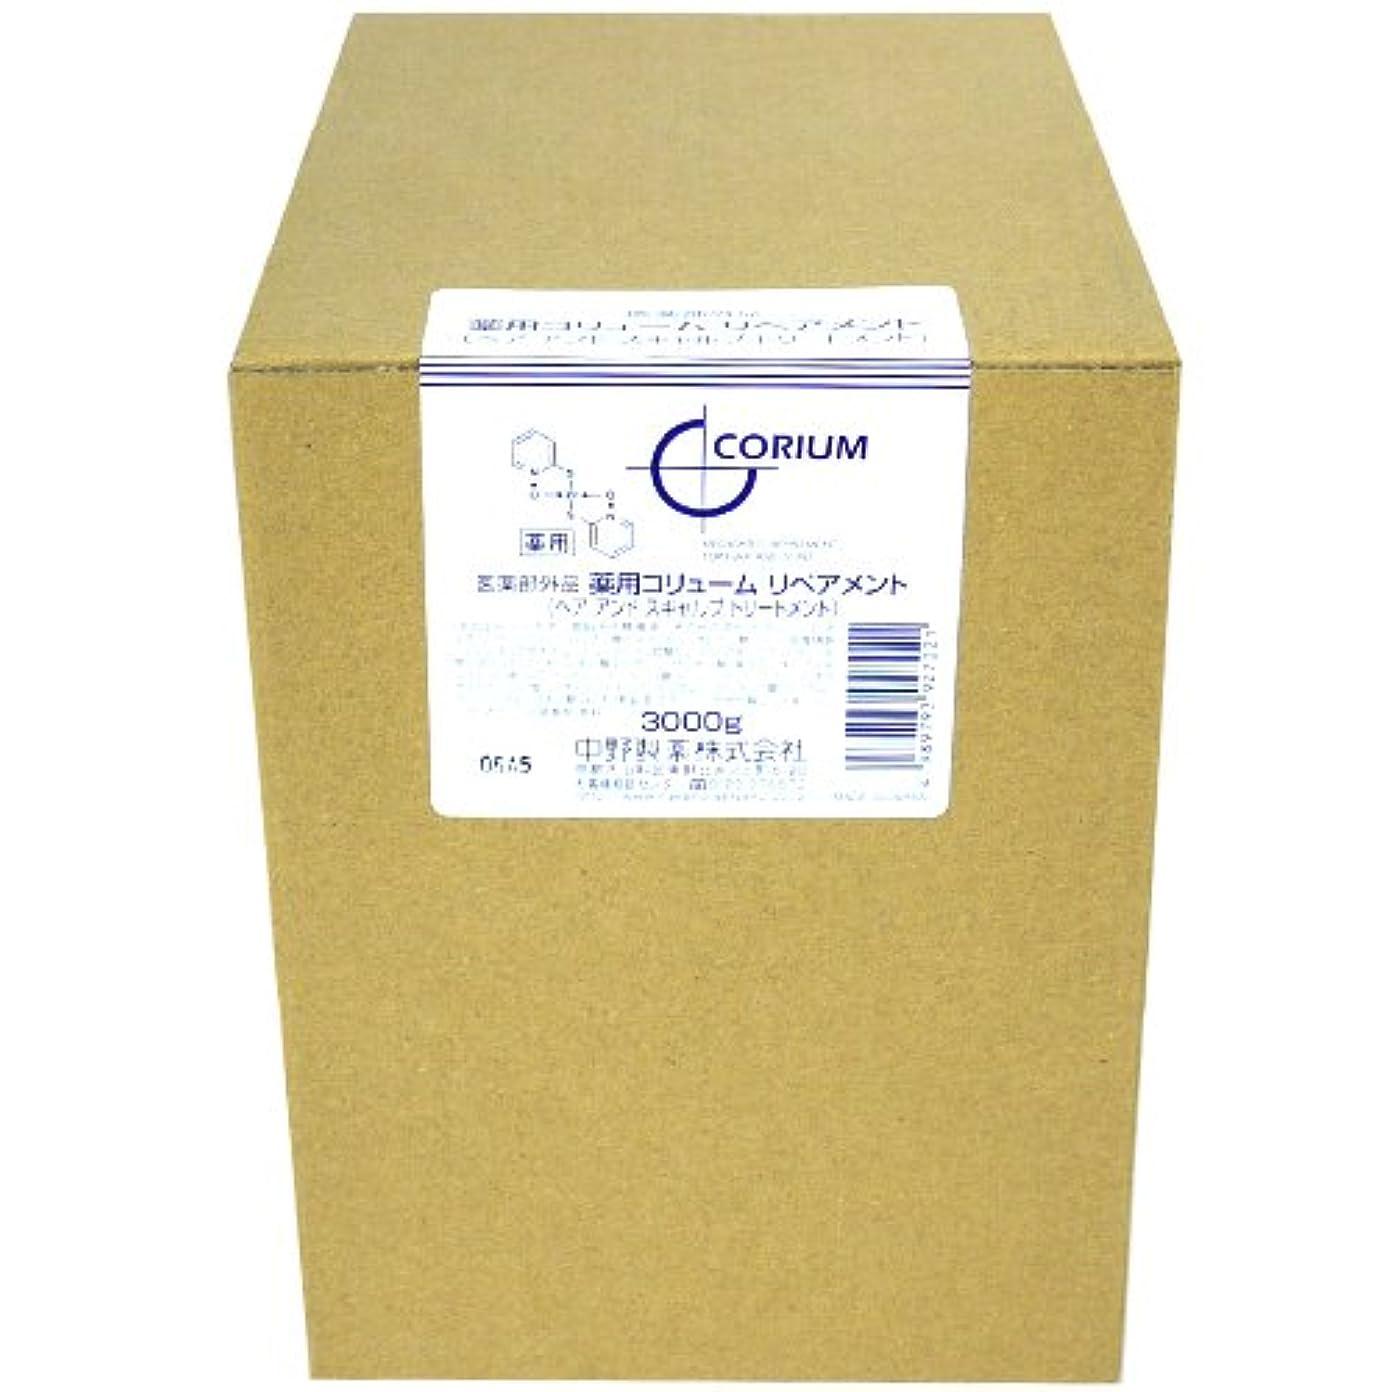 詳細な風商品ナカノ 薬用 コリューム リペアメント 3000g